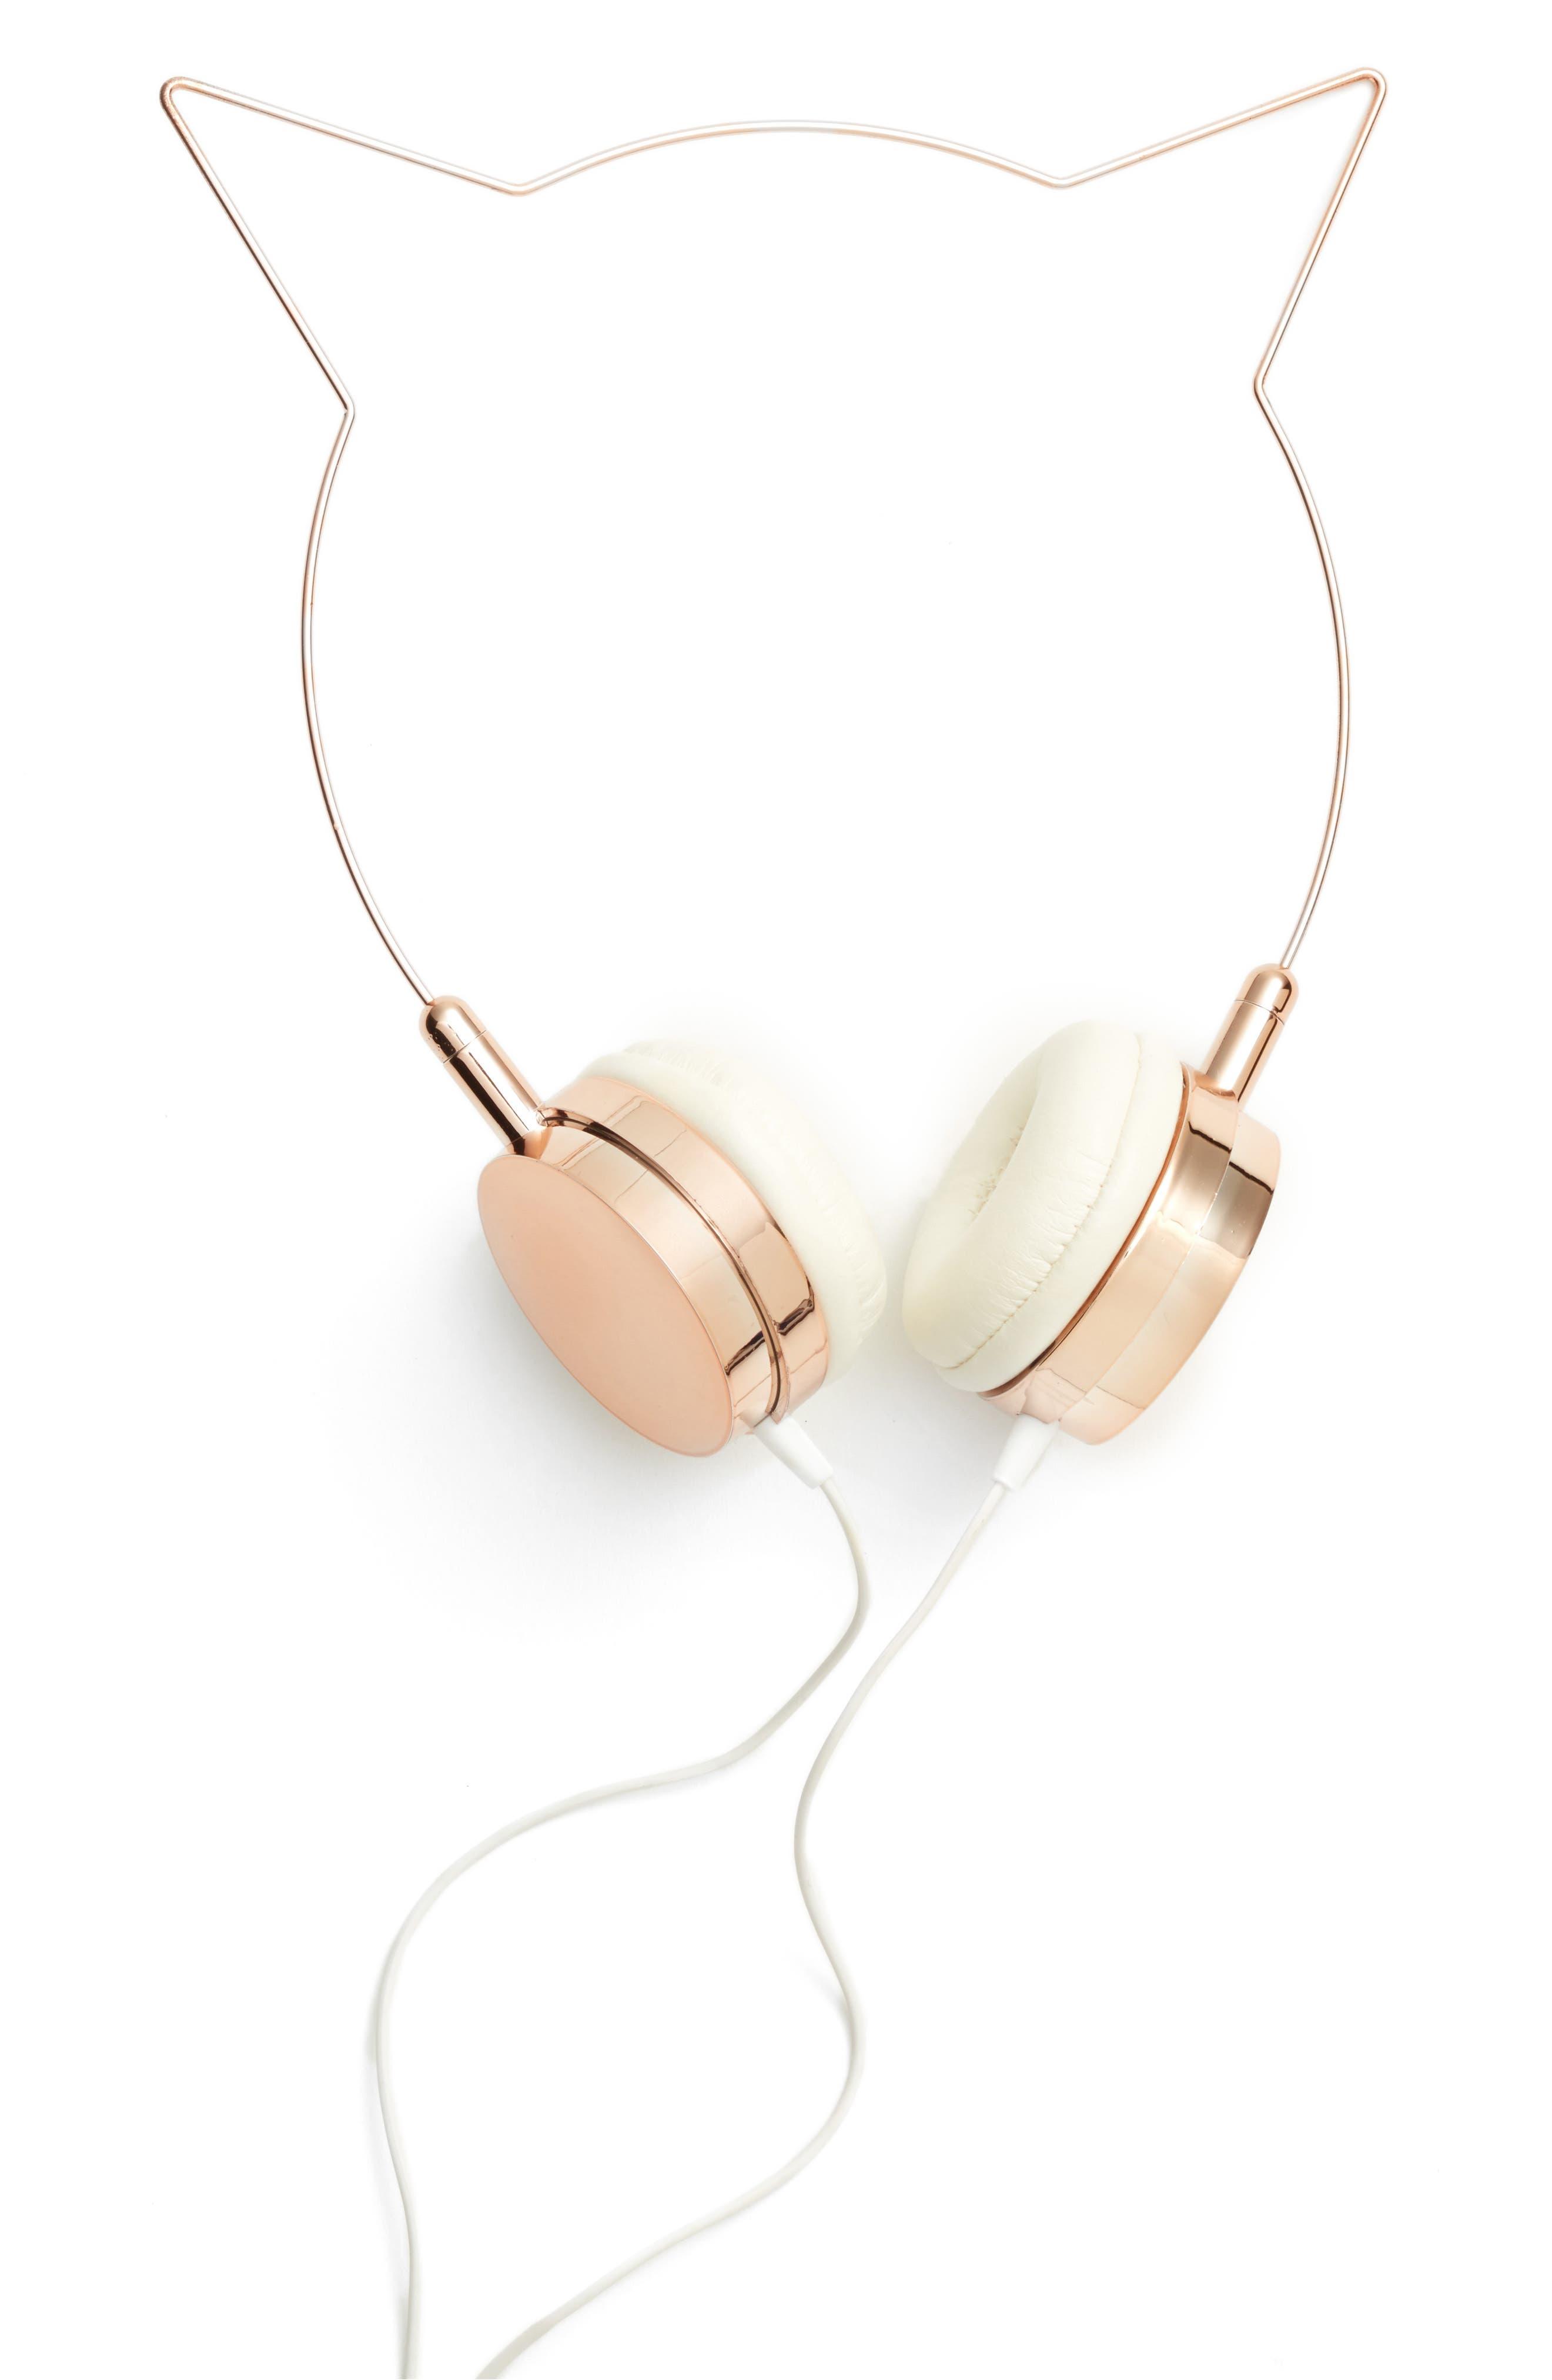 OK originals Cat Ear Headphones